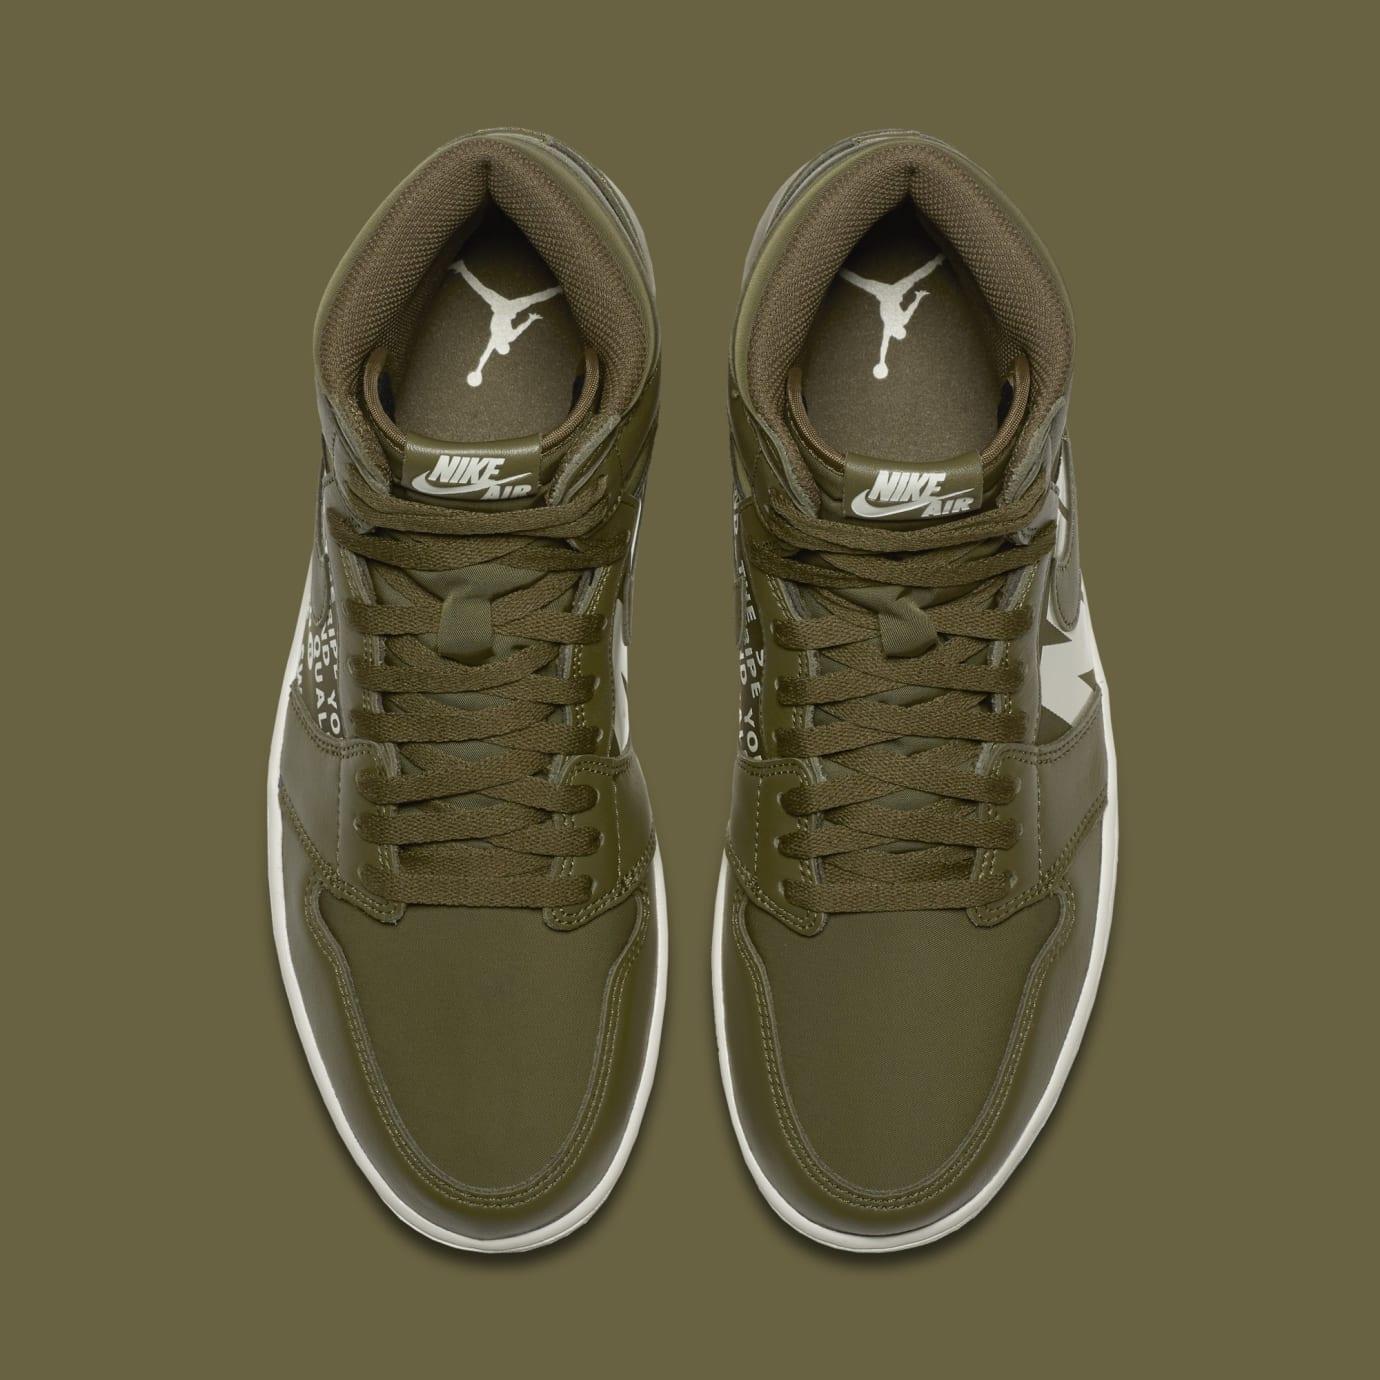 Air Jordan 1 'Nike Air Pack/Olive' 555088-300 (Top)